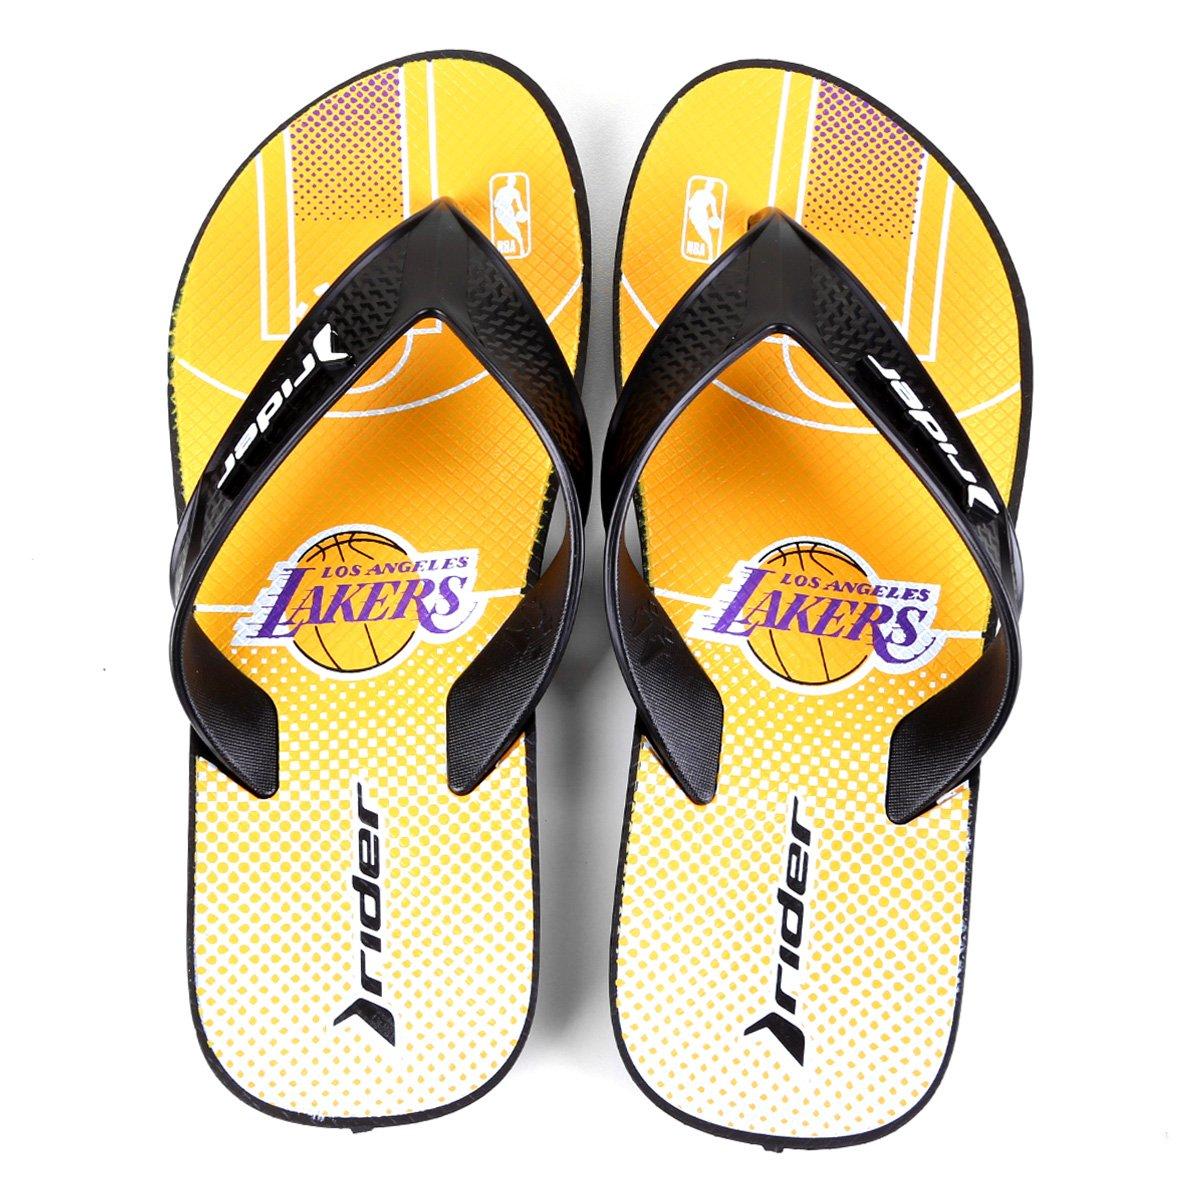 CHINELO RIDER NBA LOS ANGELES LAKERS TIRAS 25671